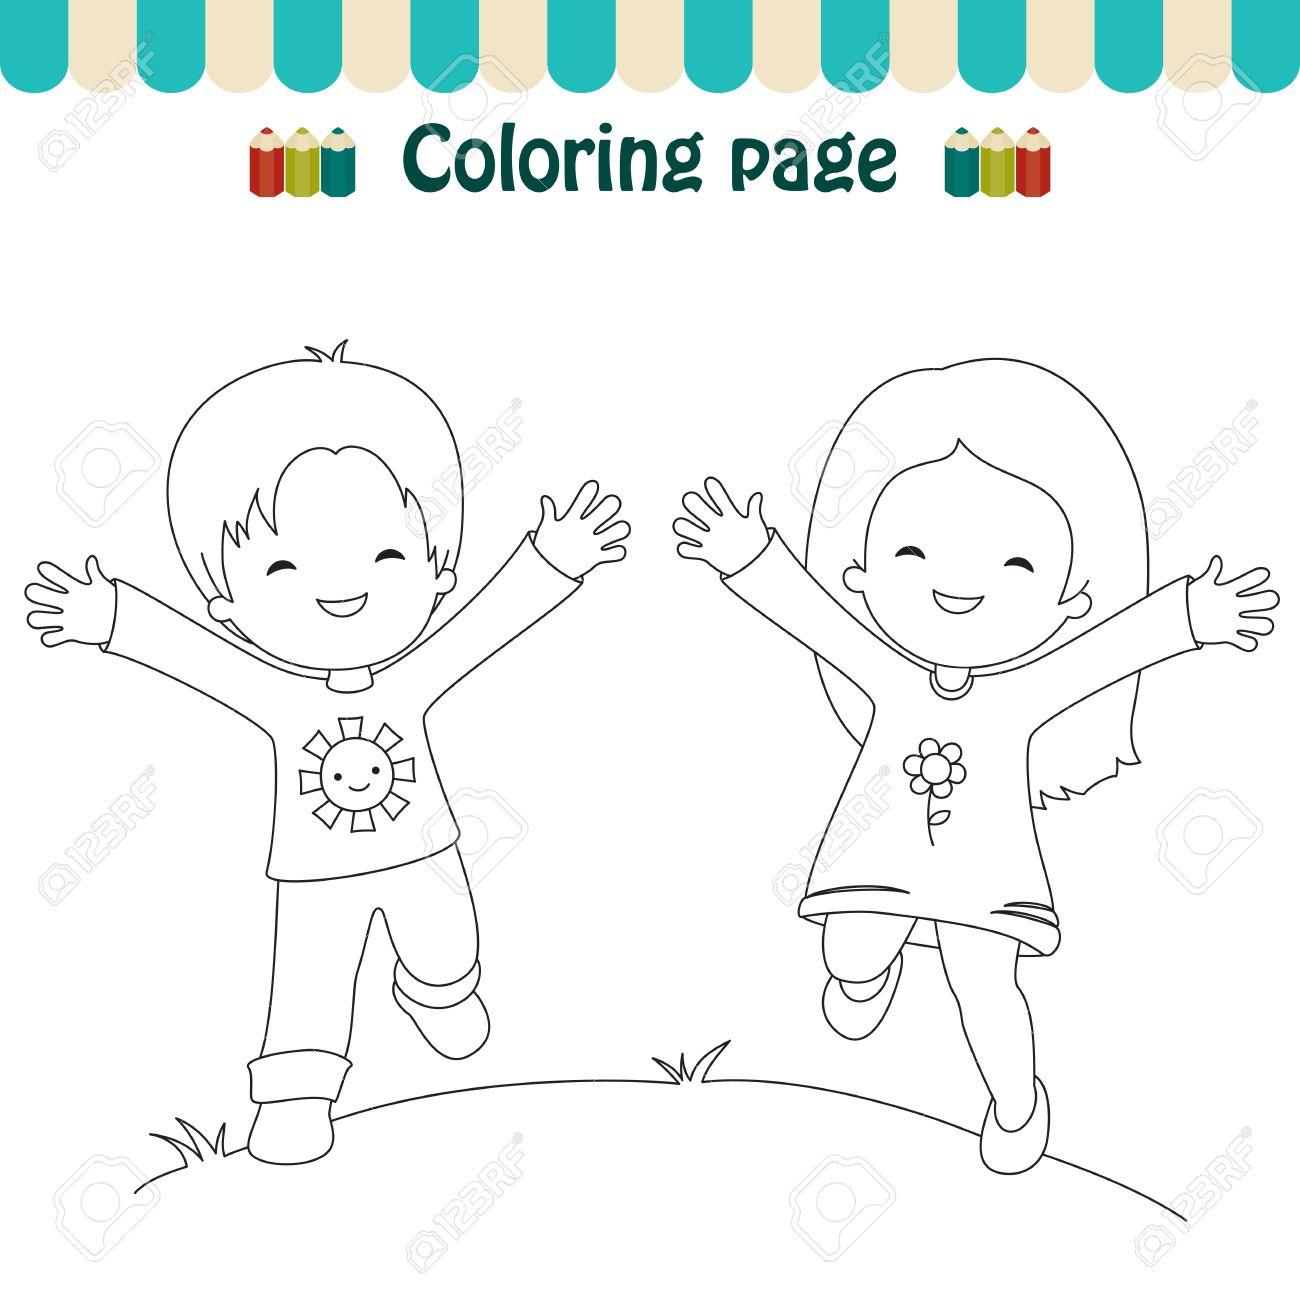 Dibujo Para Colorear Niños Felices